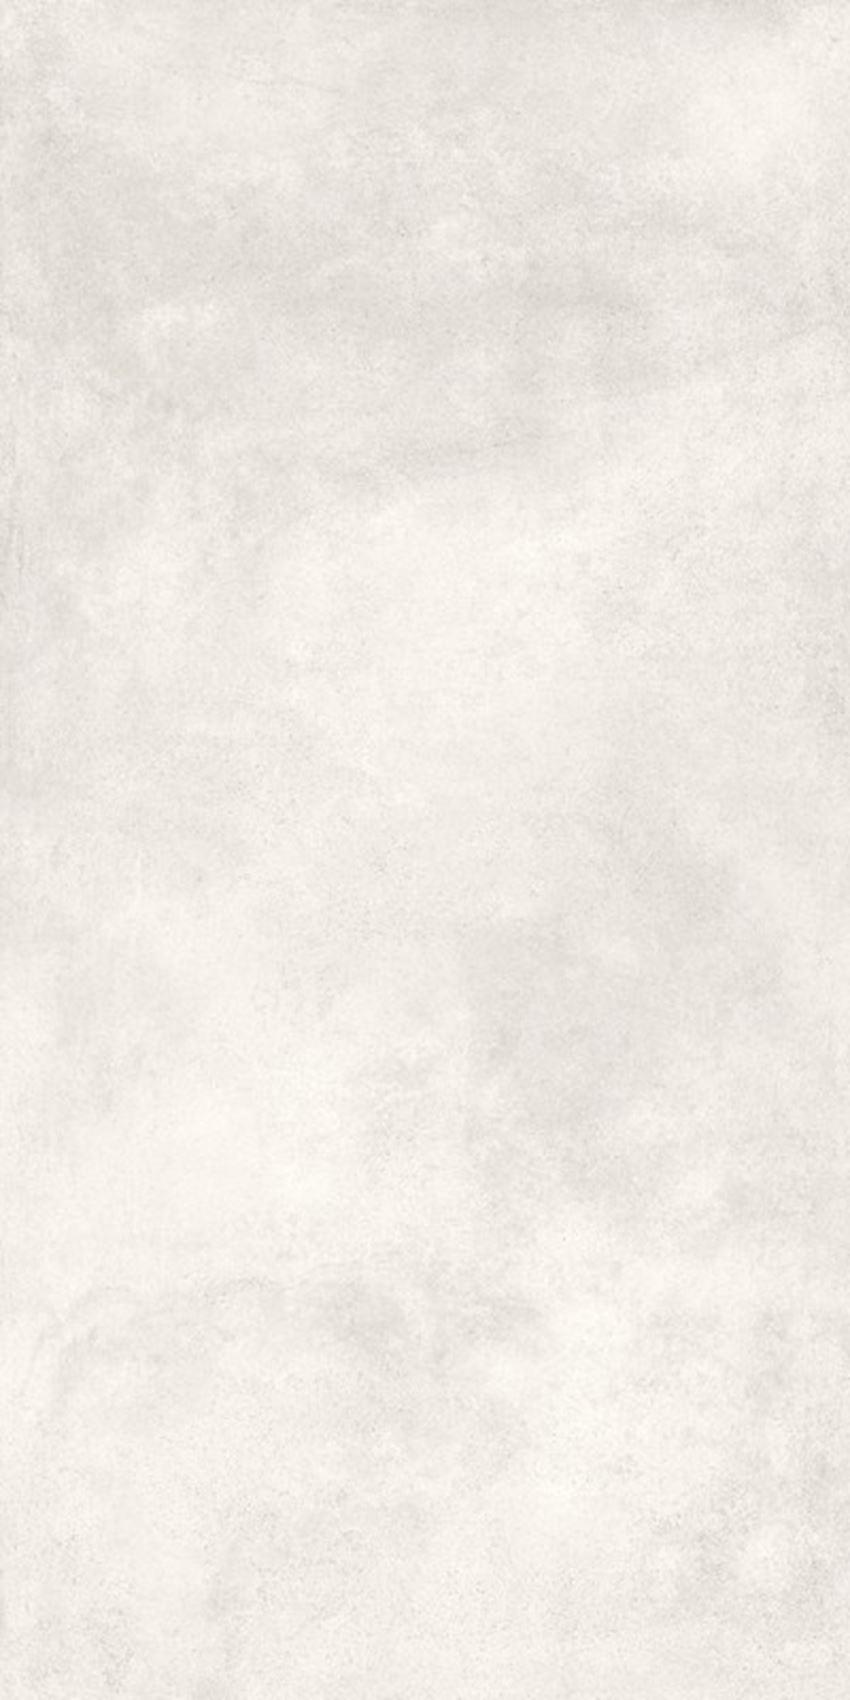 Płytka ścienno-podłogowa 59,7x119,7 cm Nowa Gala Mirador